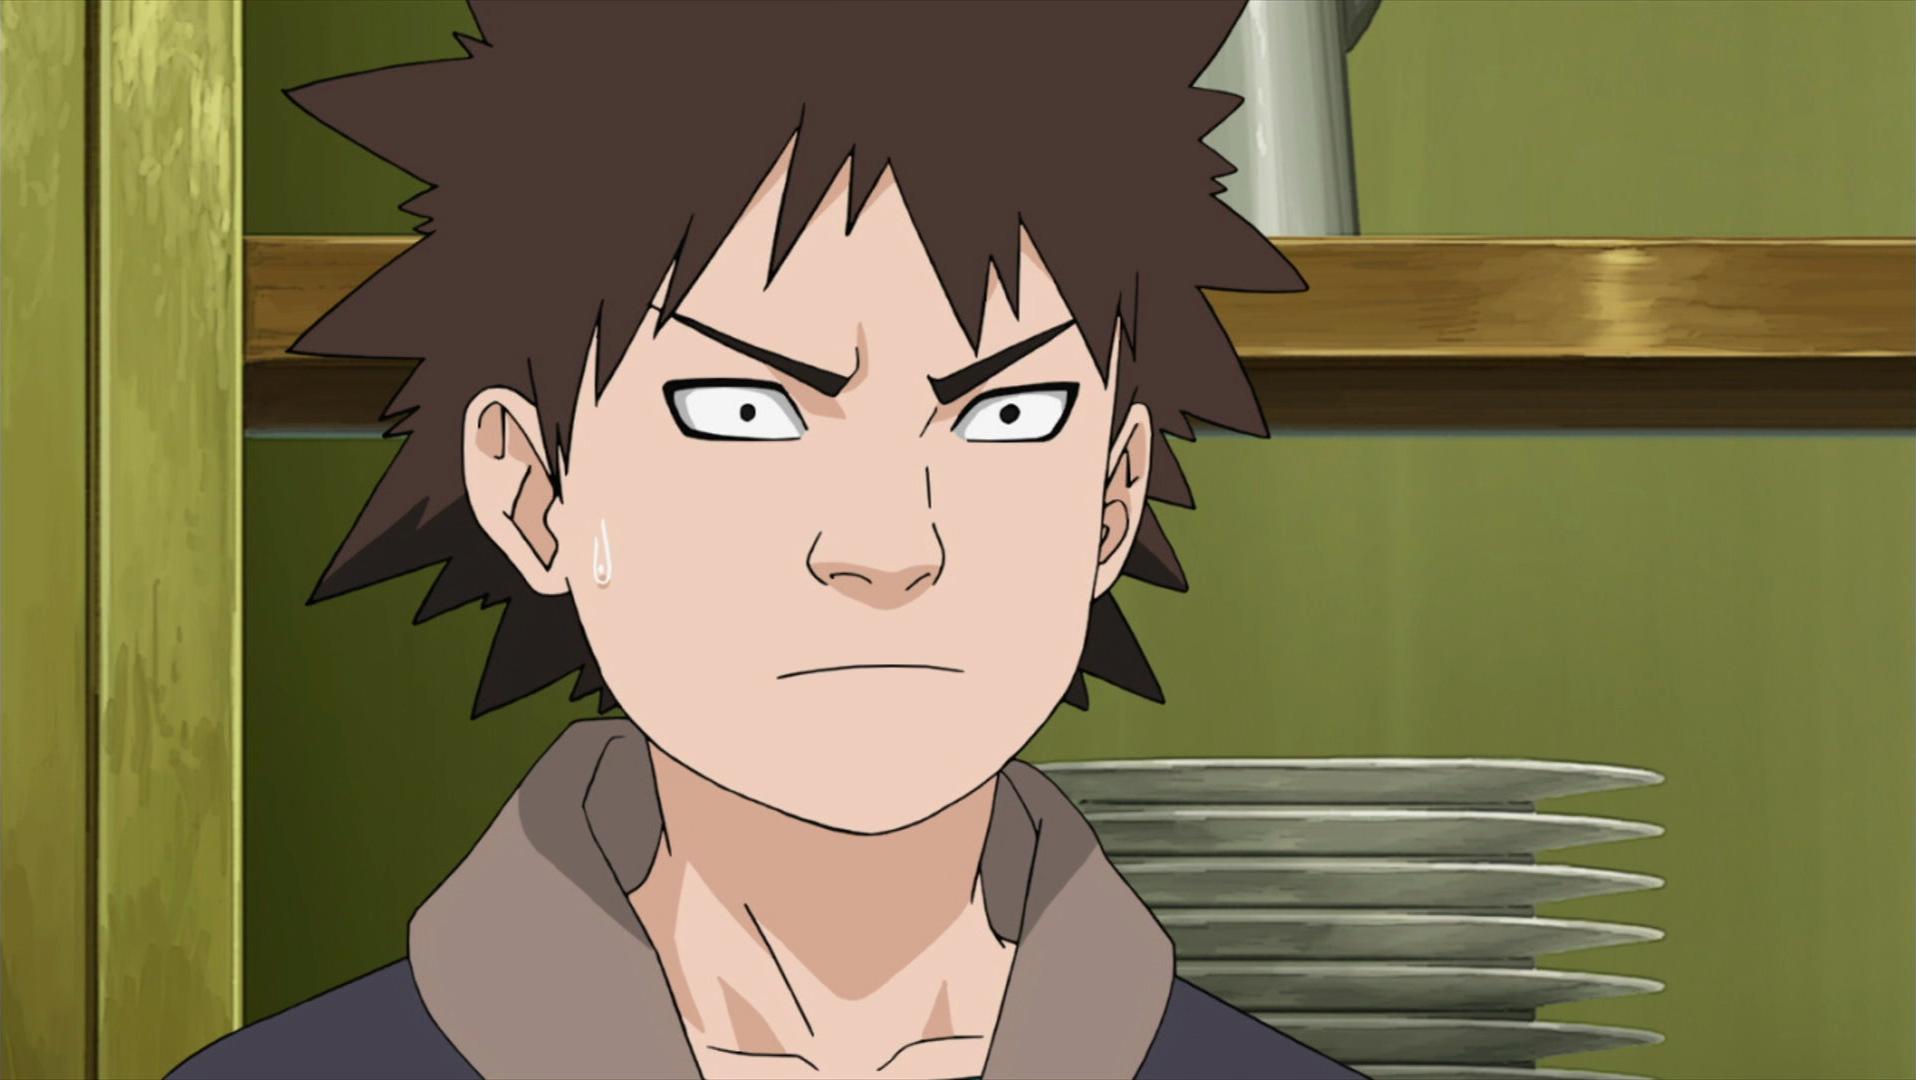 Young Naruto Characters